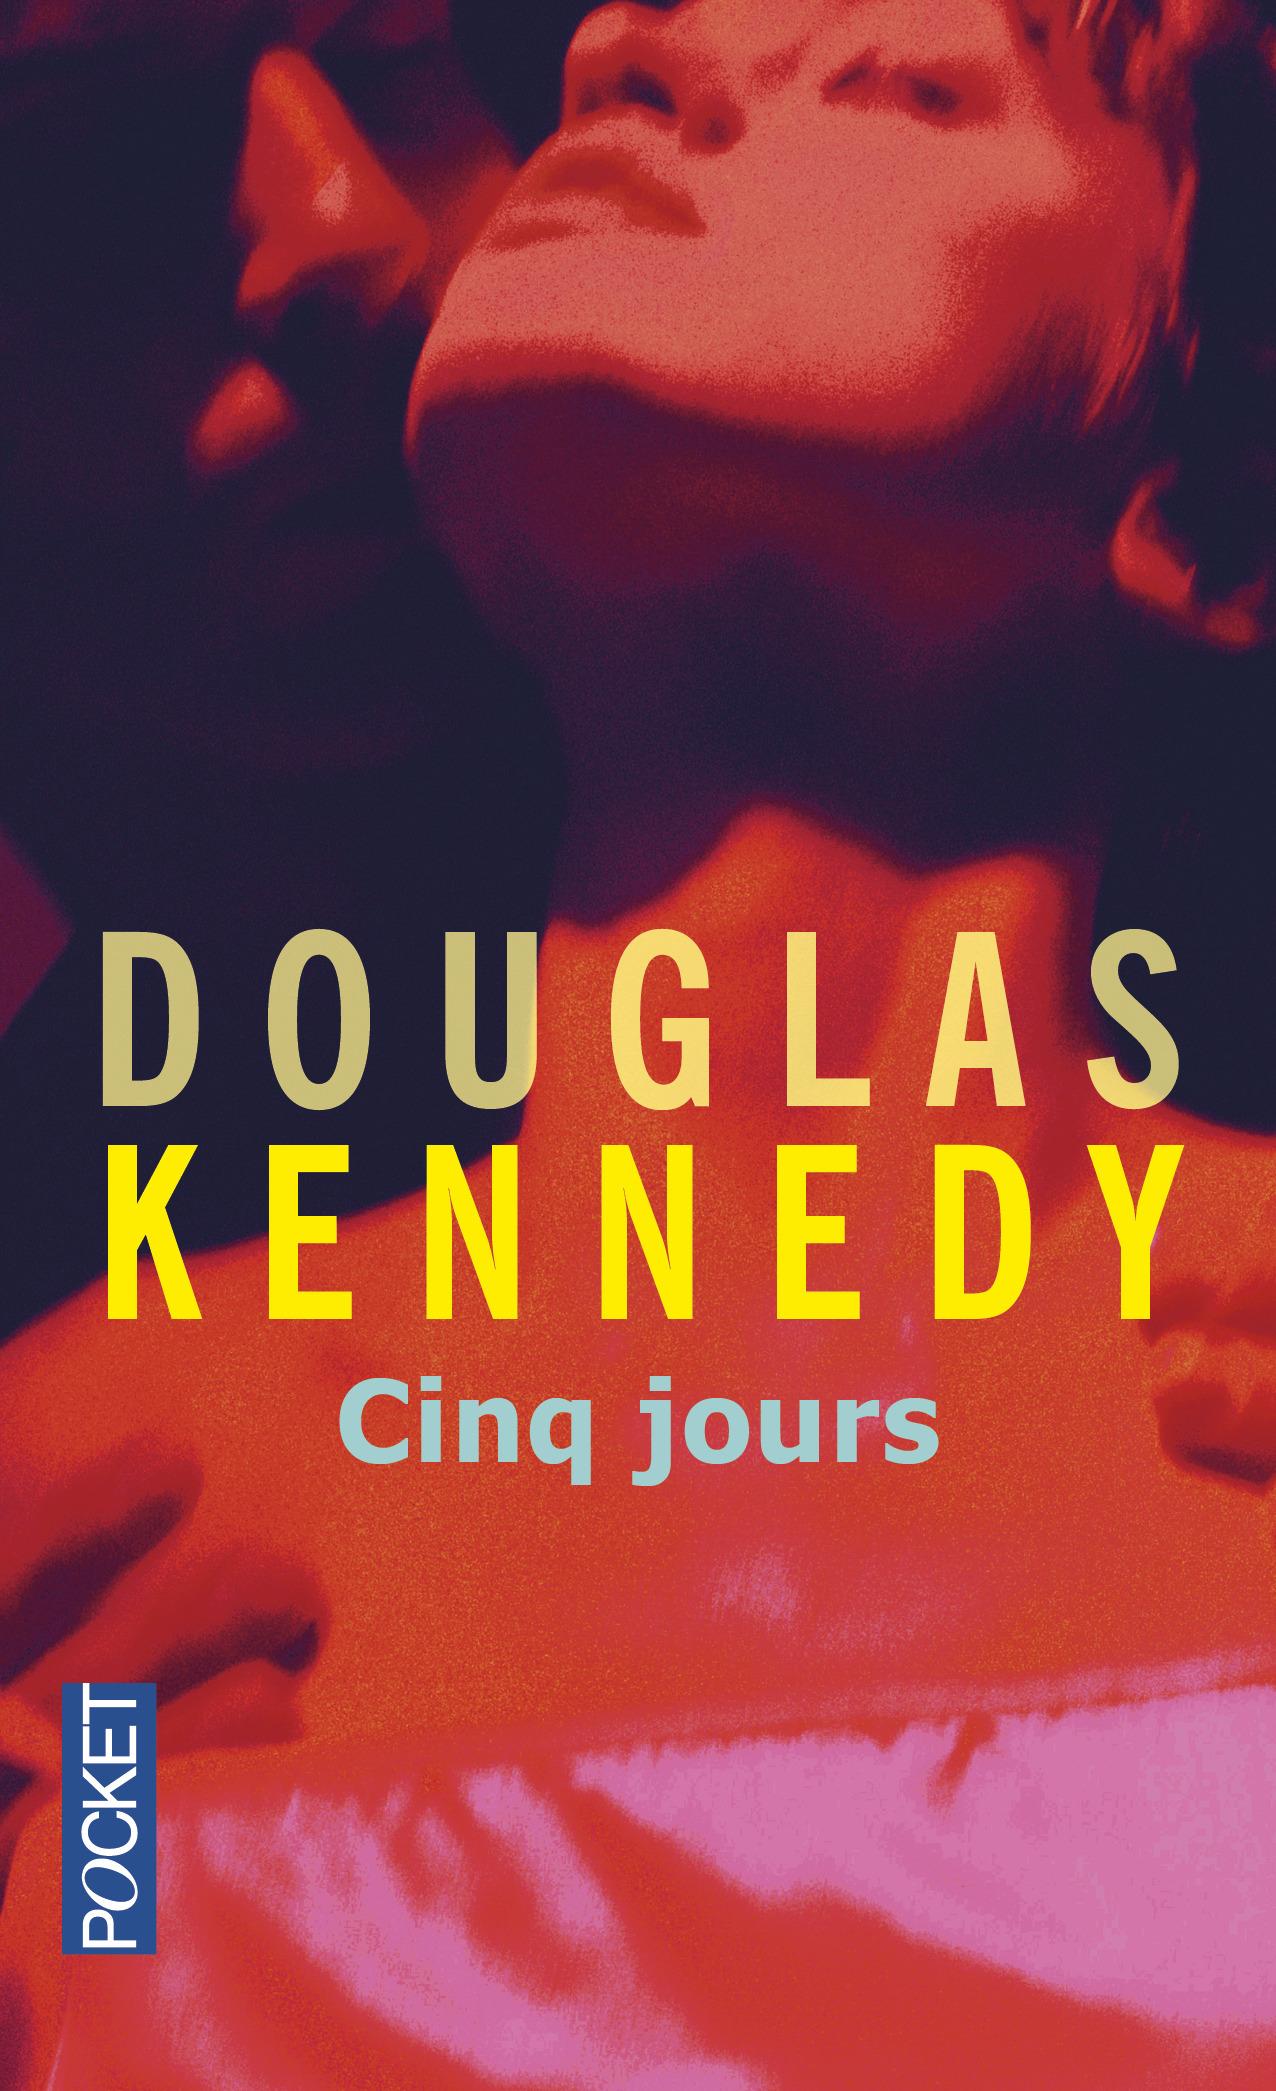 Douglas Kennedy Cinq jours